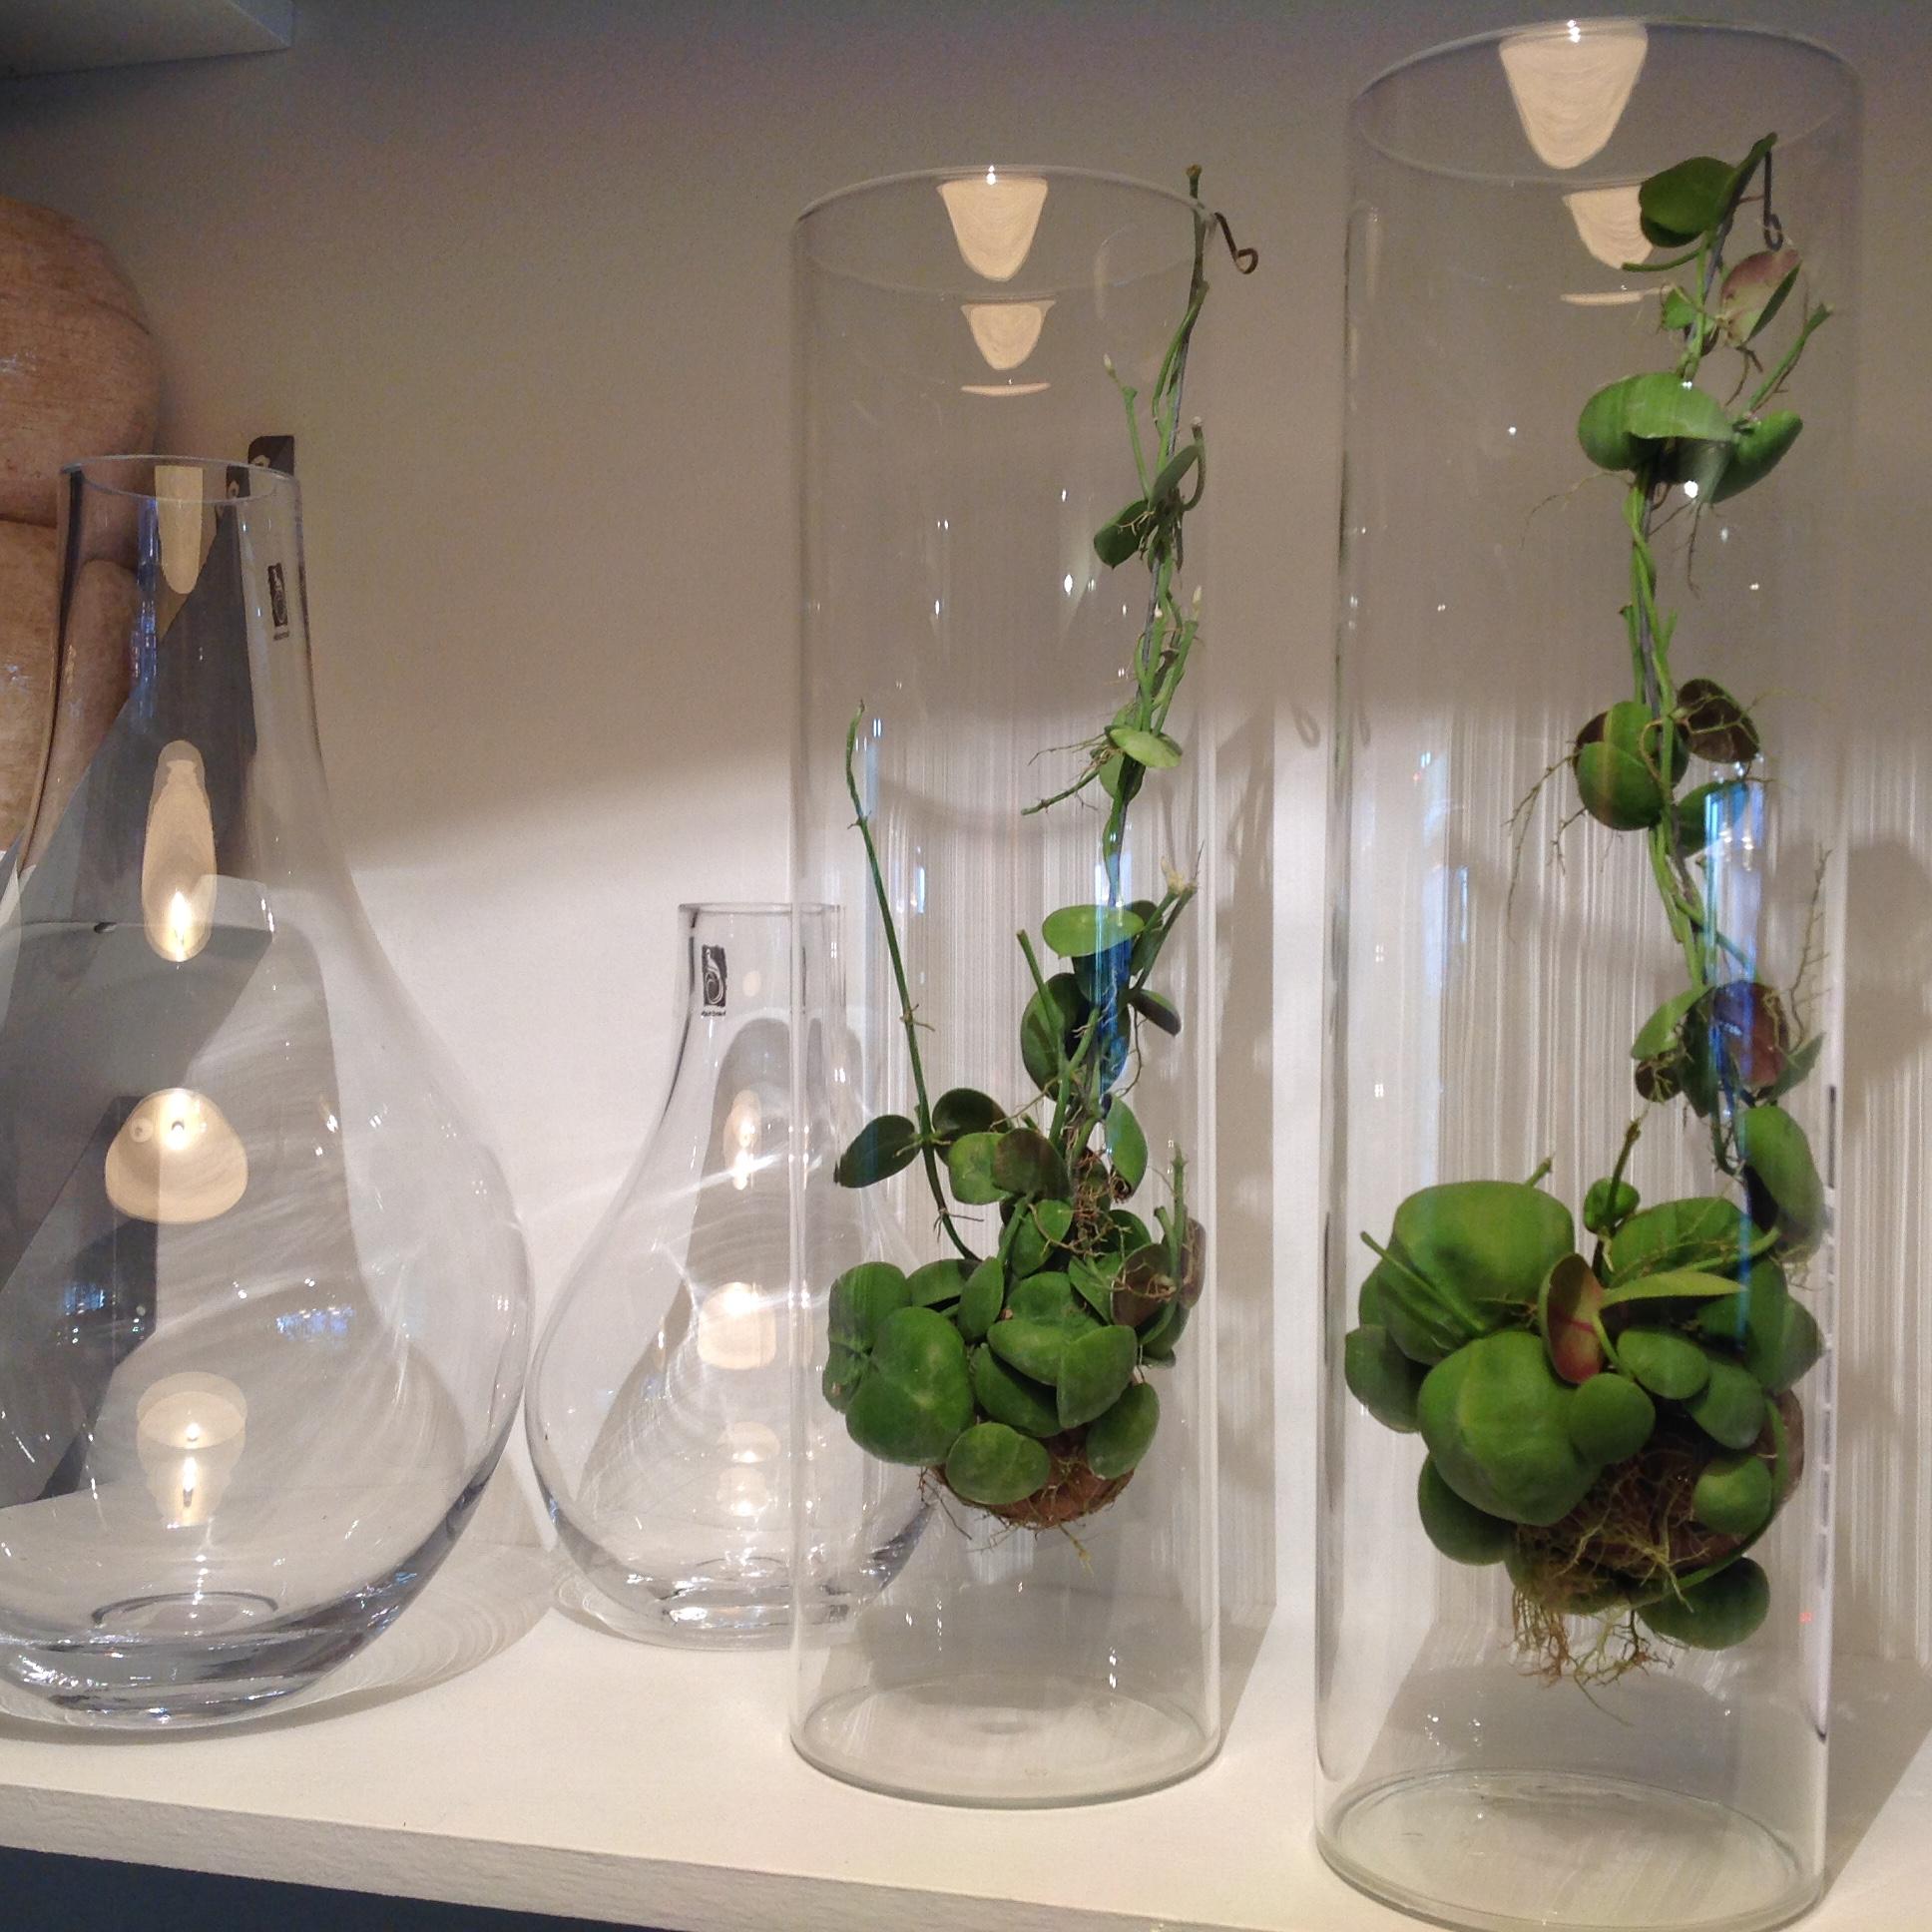 Plantes en pot d 39 int rieur tentez l 39 originalit avec for Plante interieur originale